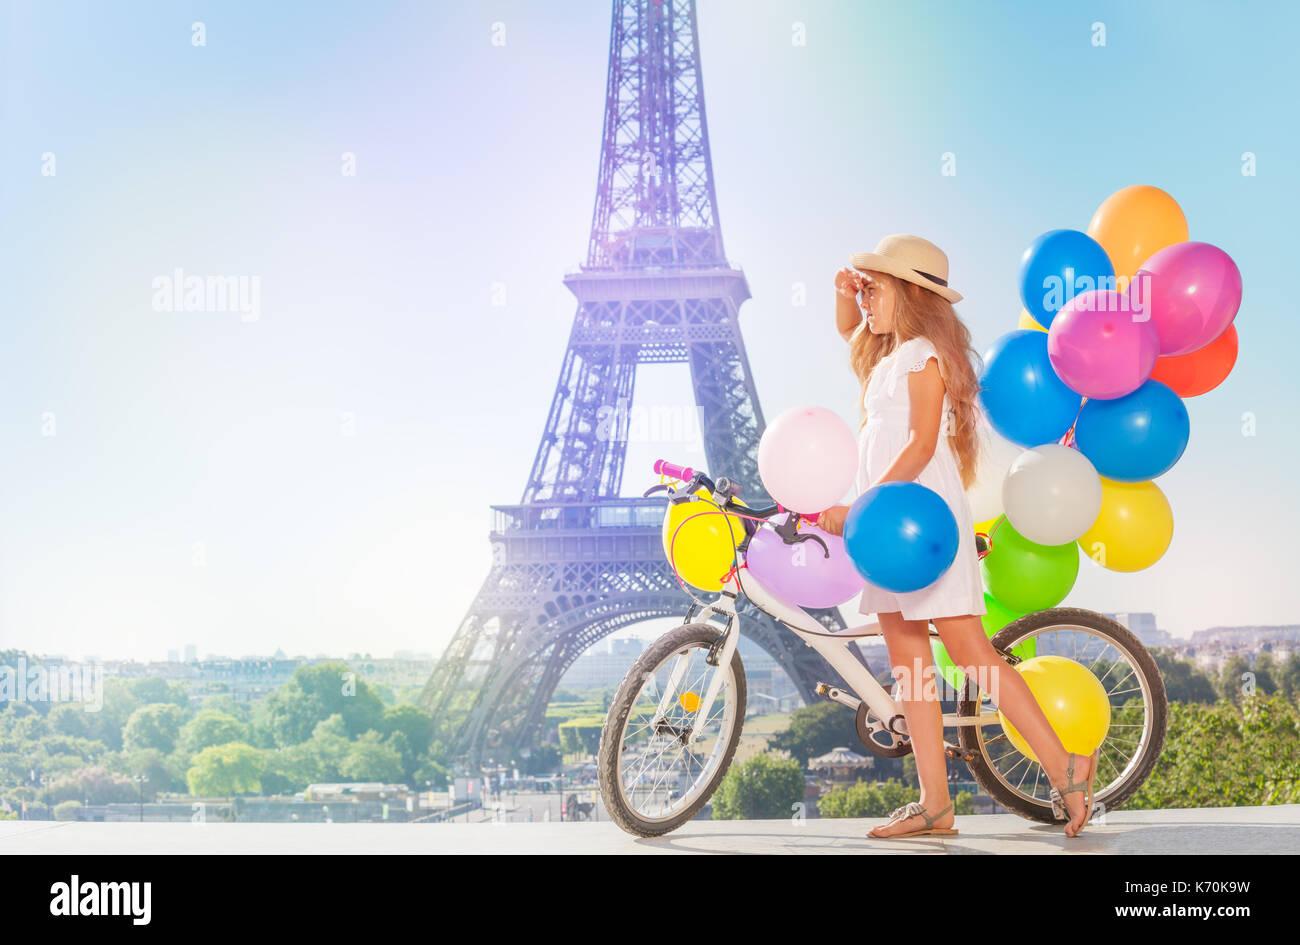 cappello bambina e bianco Eleganti di indossa il paglia abito qSdxdgAwcY